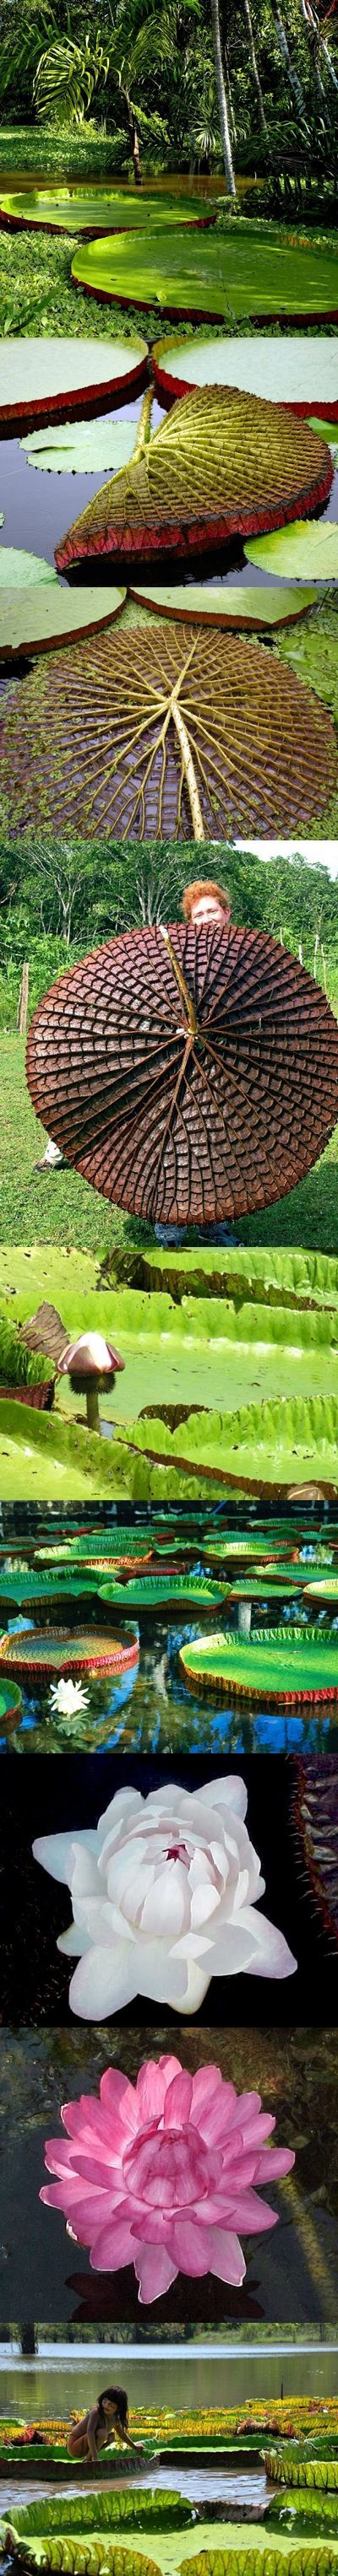 Amazonas - Brasil -VITÓRIA-RÉGIA - é uma das maiores plantas aquáticas do mundo, suas folhas podem chegar até 2,5 mts e são capazes de suportar uma carga de até quarenta quilos.: